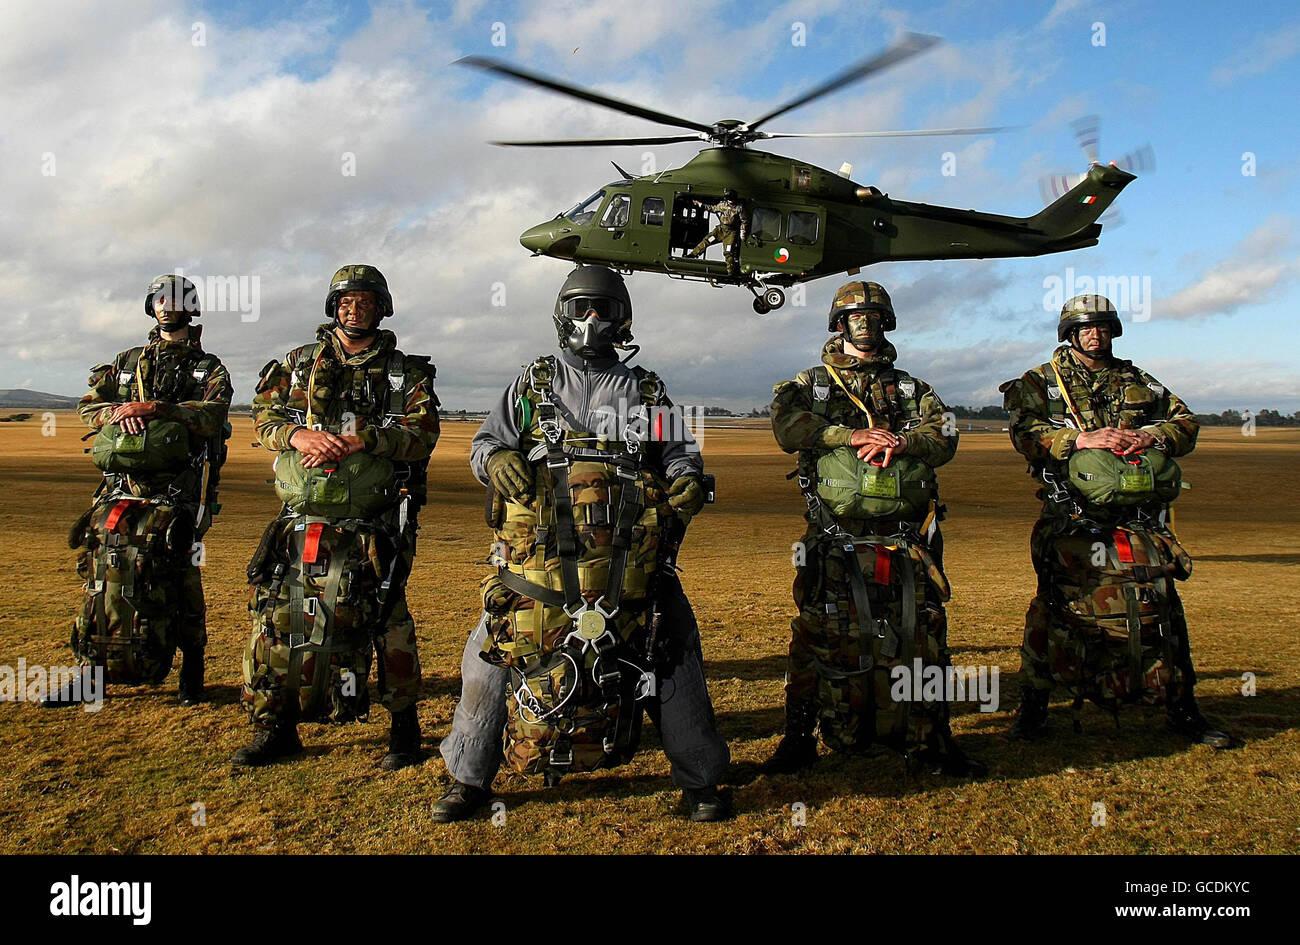 Buy Security Uniform